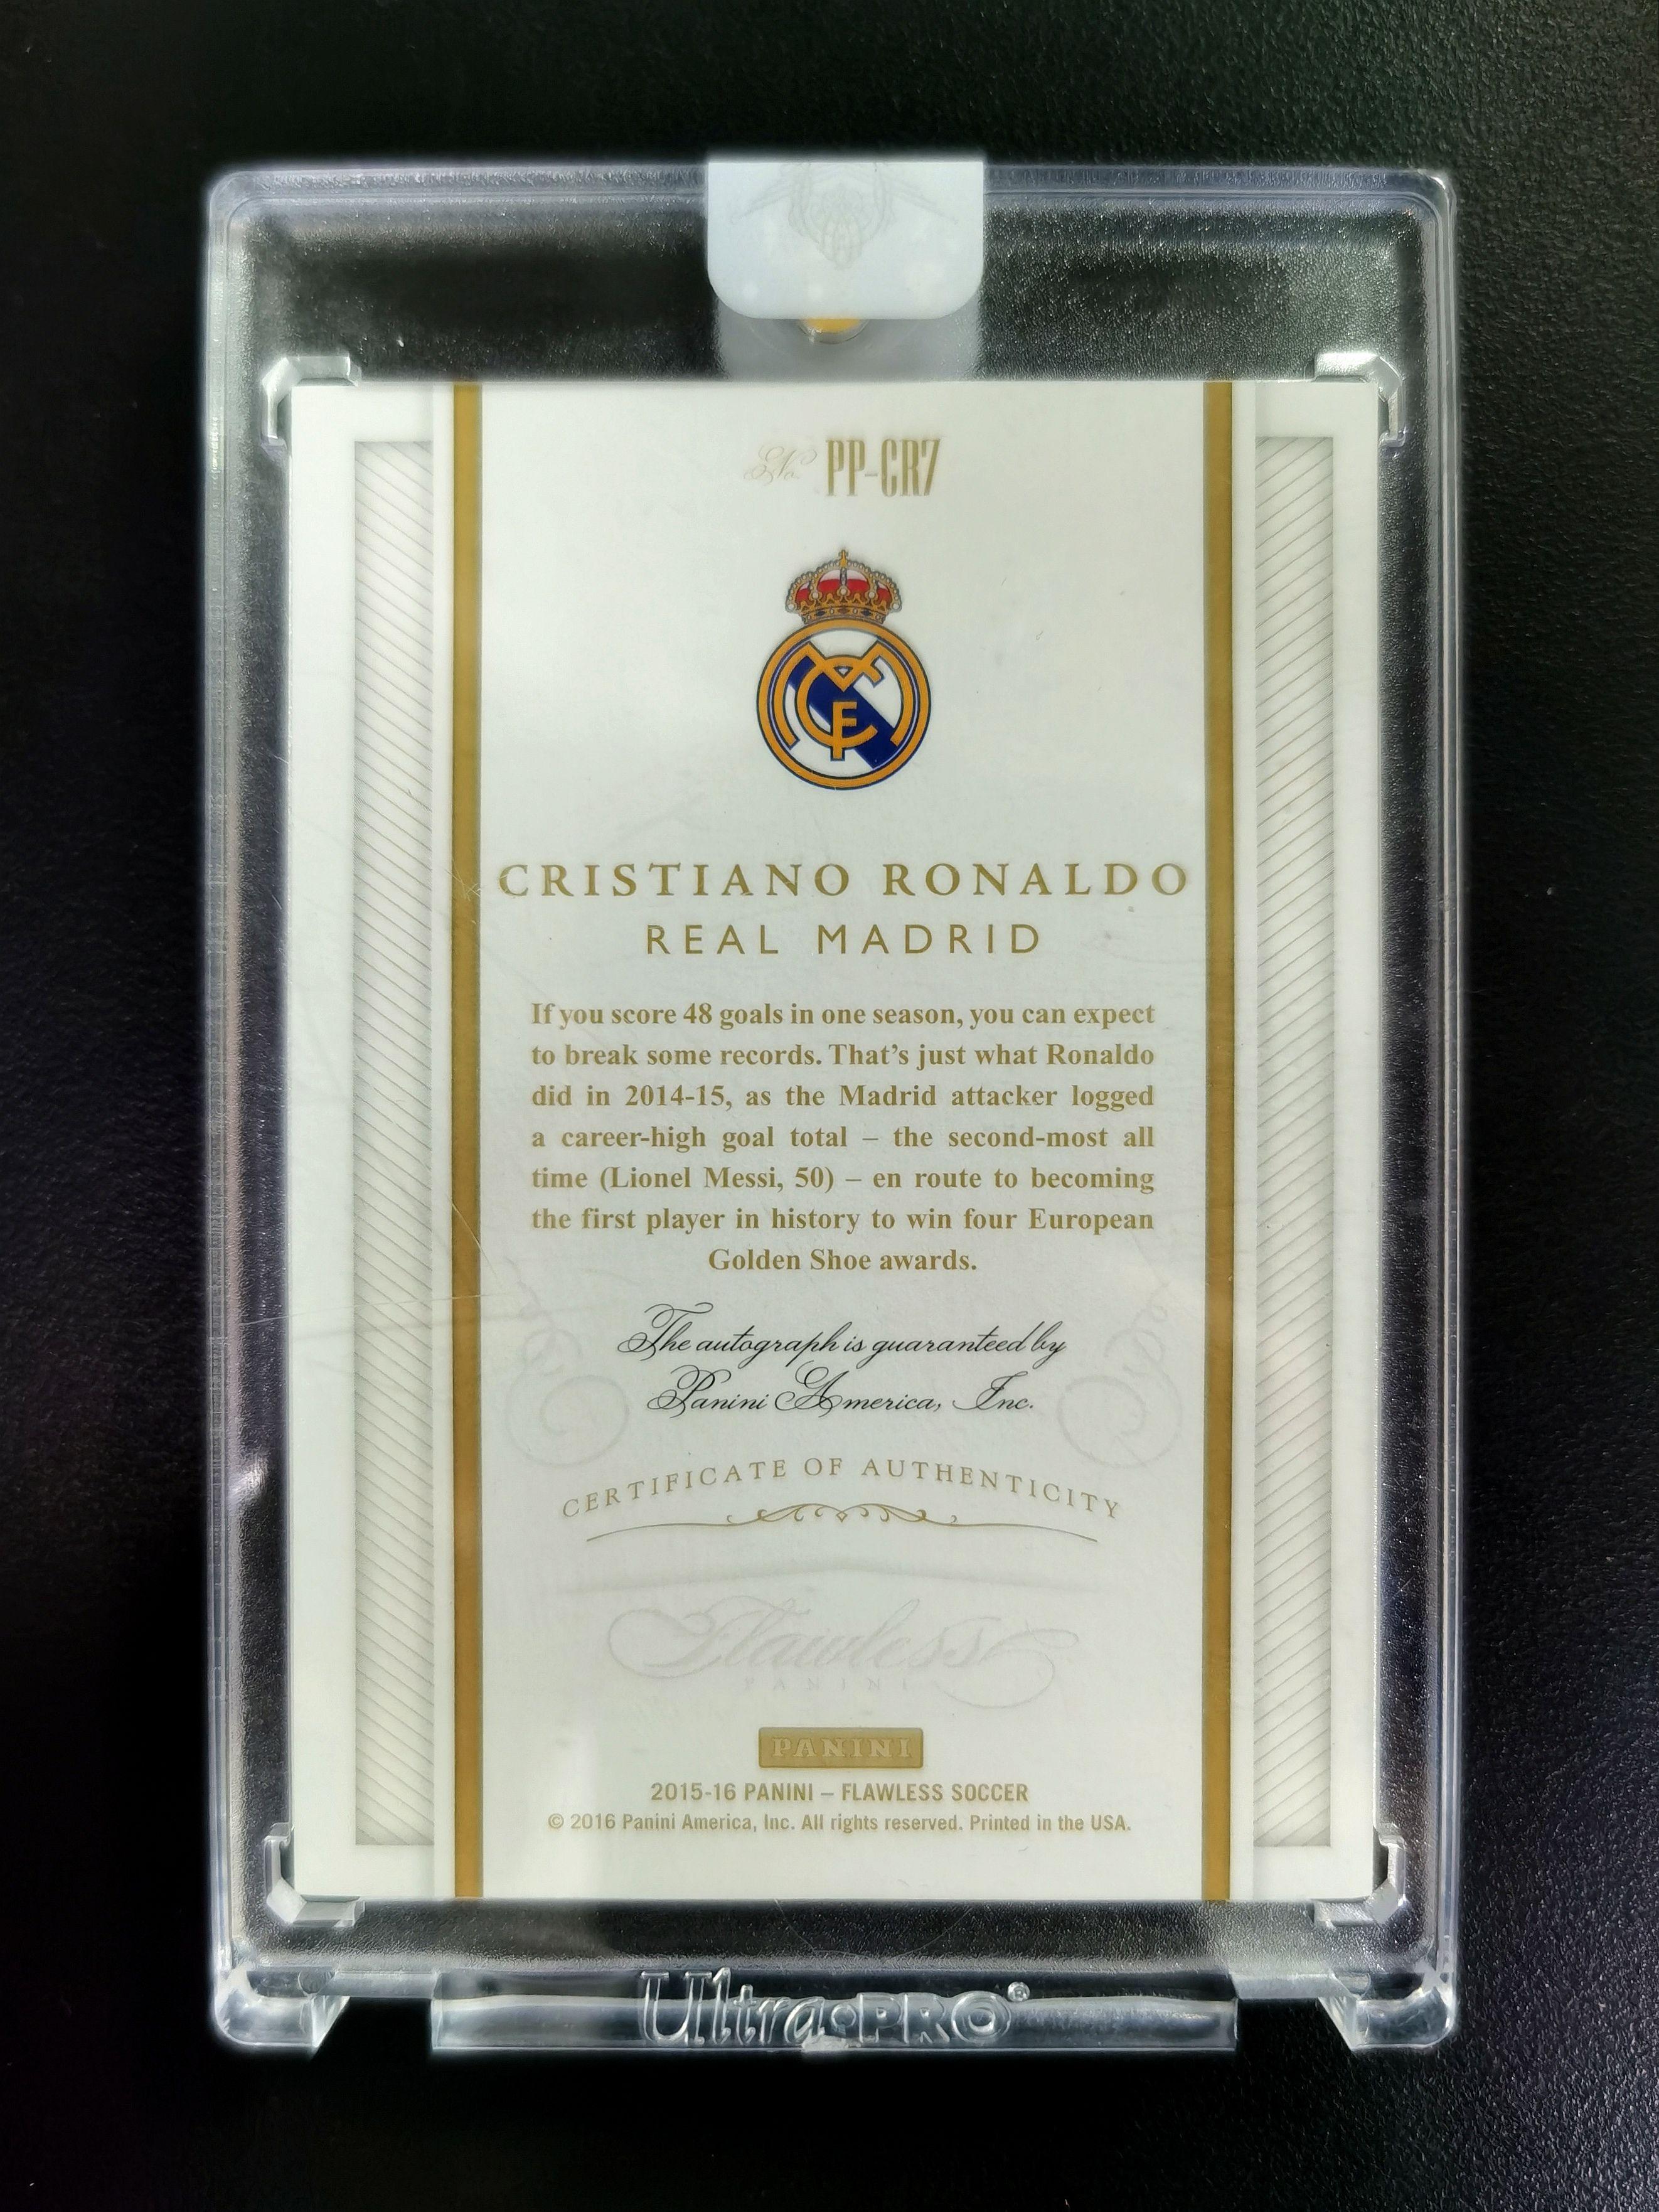 【泰坦拍卖-GZ】2015-16 手提Flawless元年 C罗纳尔多Ronaldo 23/25编银版签字 原封砖 皇马尤文曼联葡萄牙 与梅西相望江湖